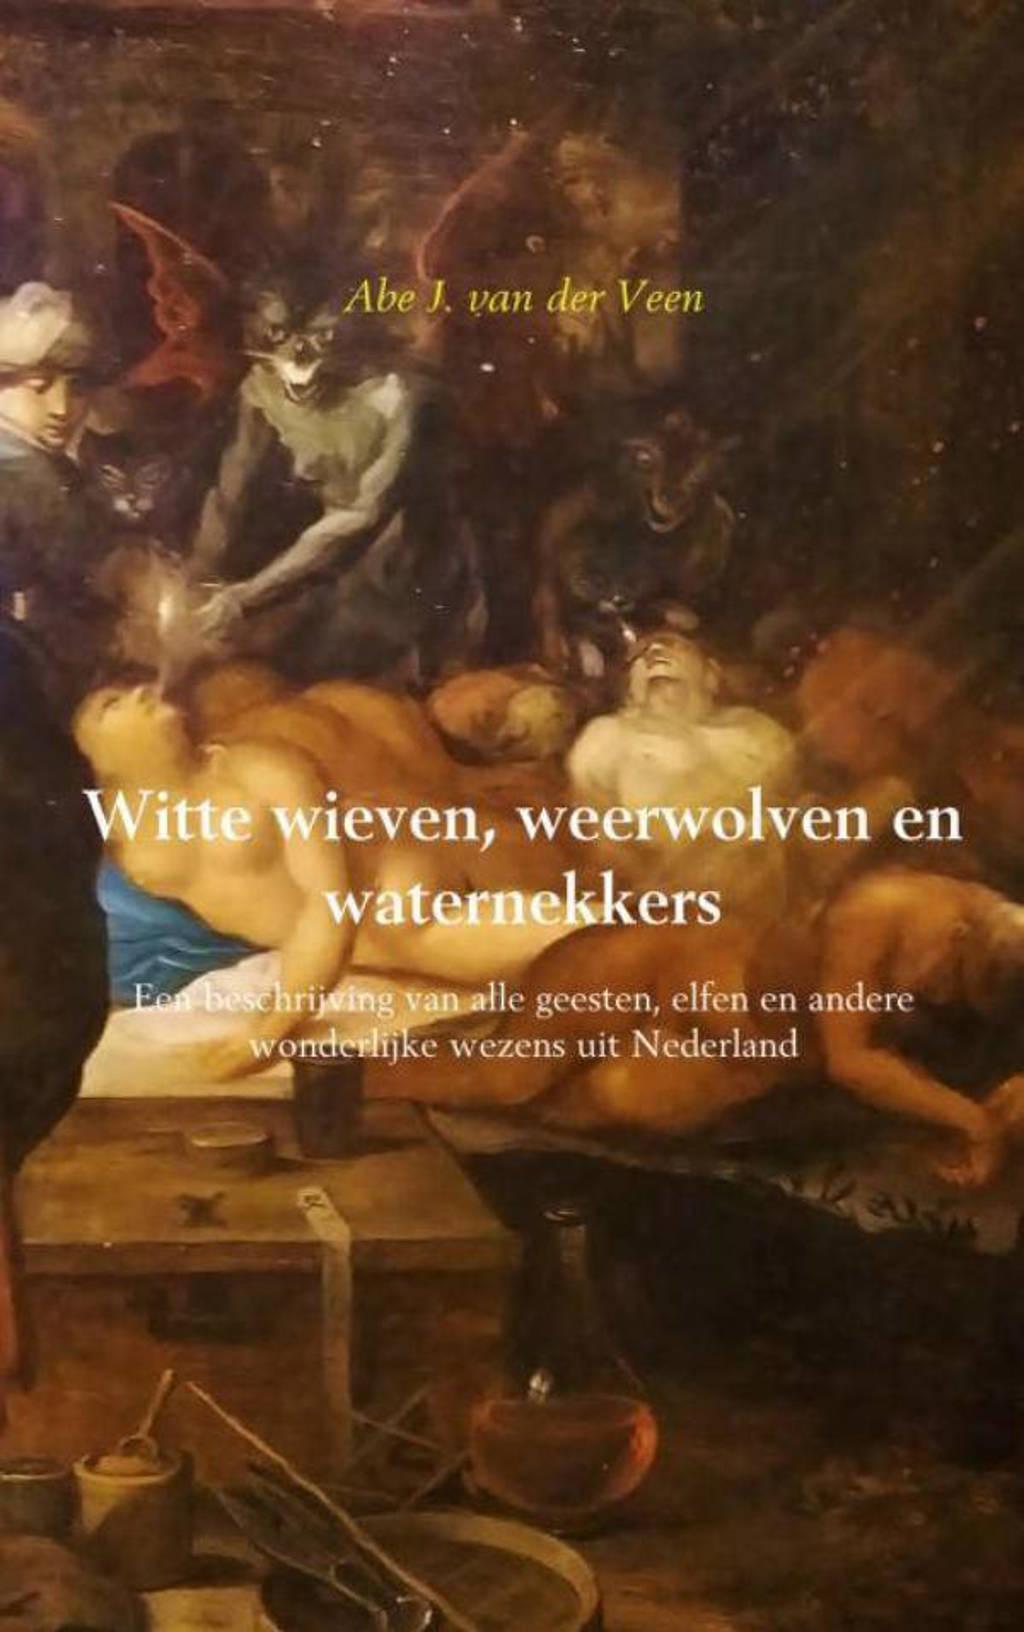 Witte wieven, weerwolven en waternekkers - Abe J. van der Veen